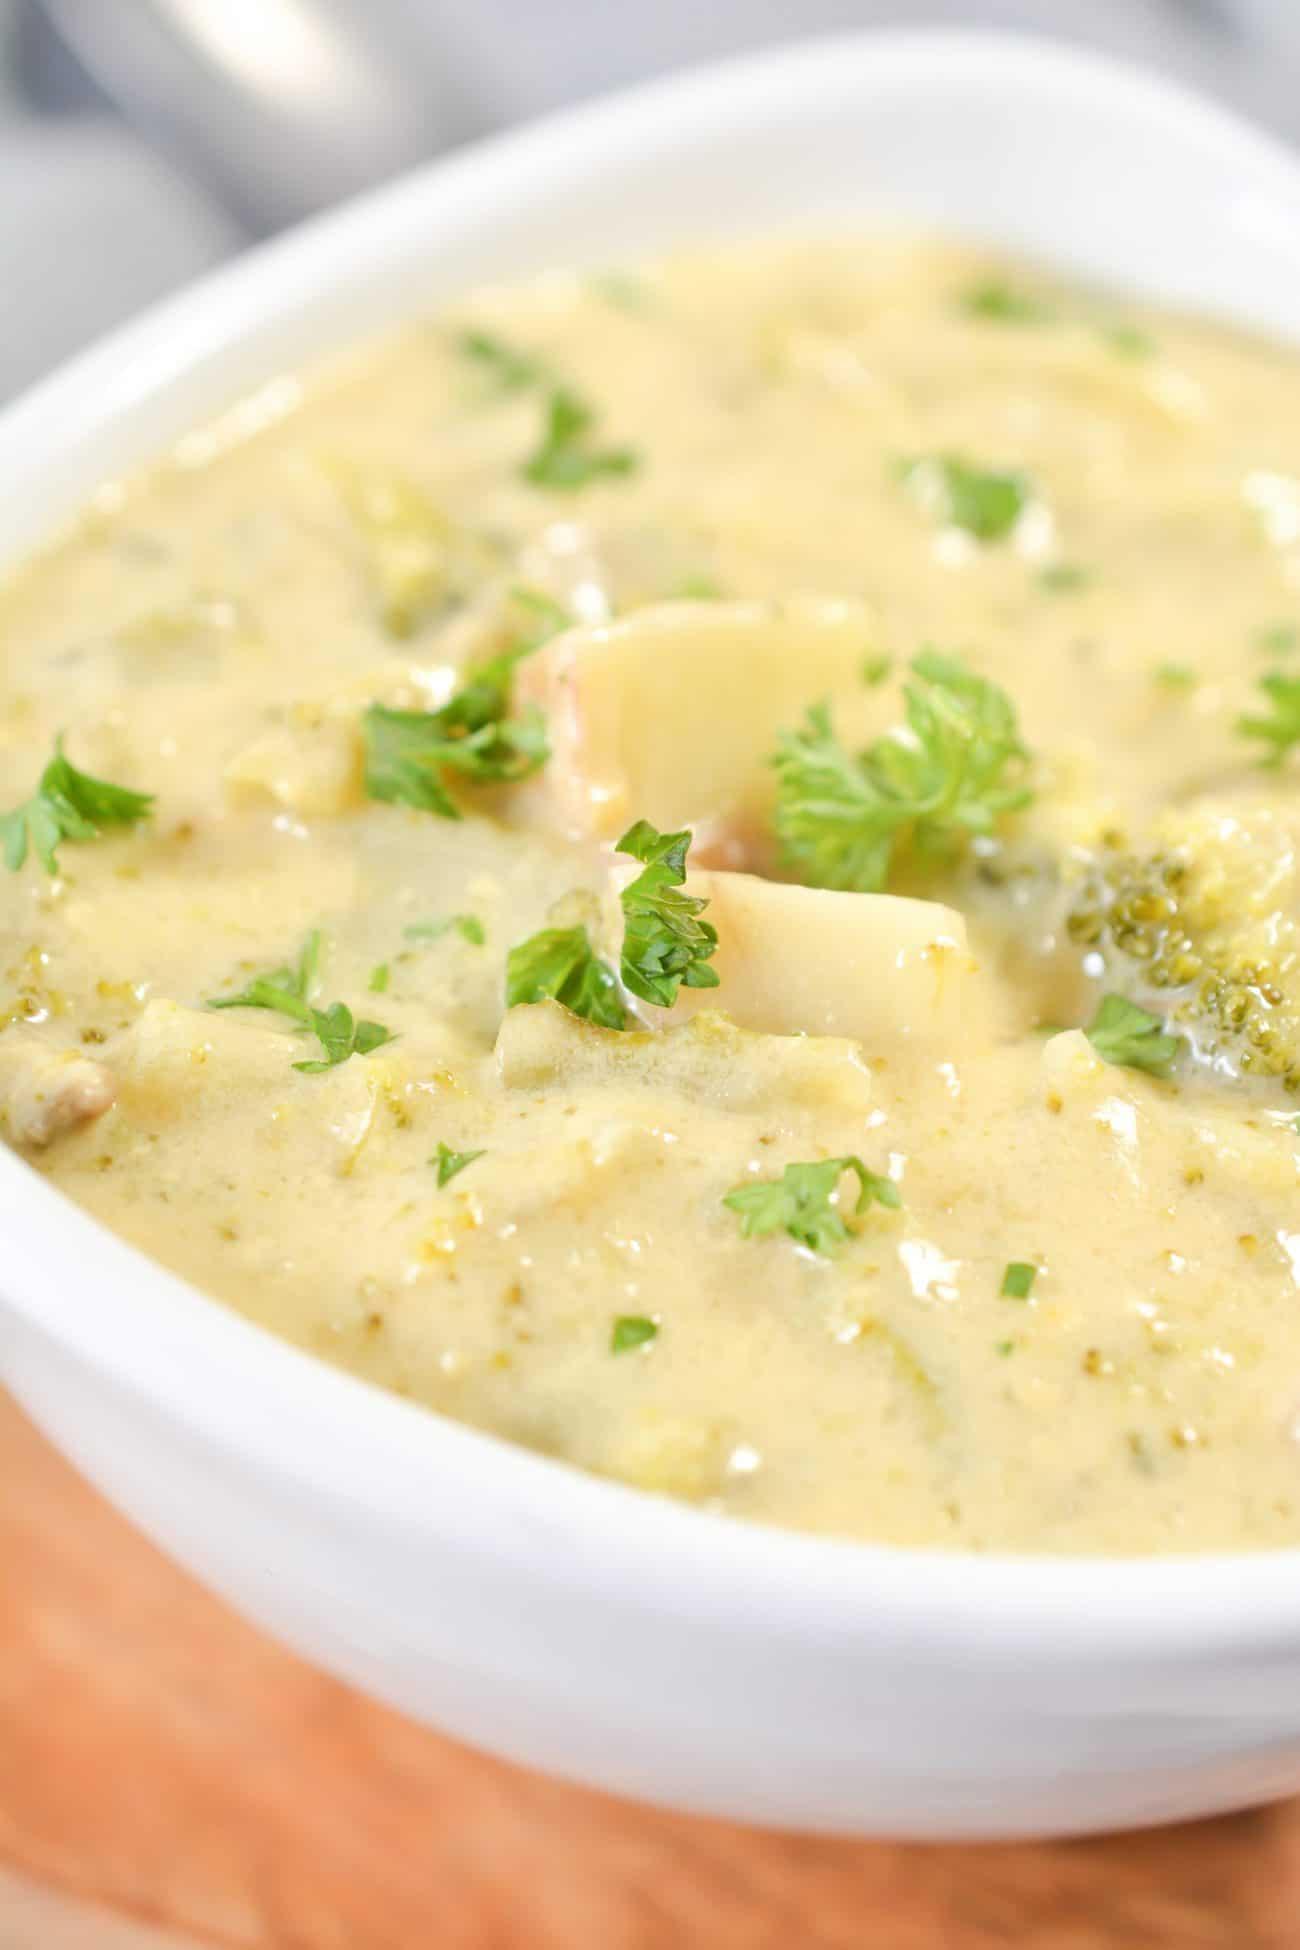 Crockpot Potato Broccoli Cheddar Soup